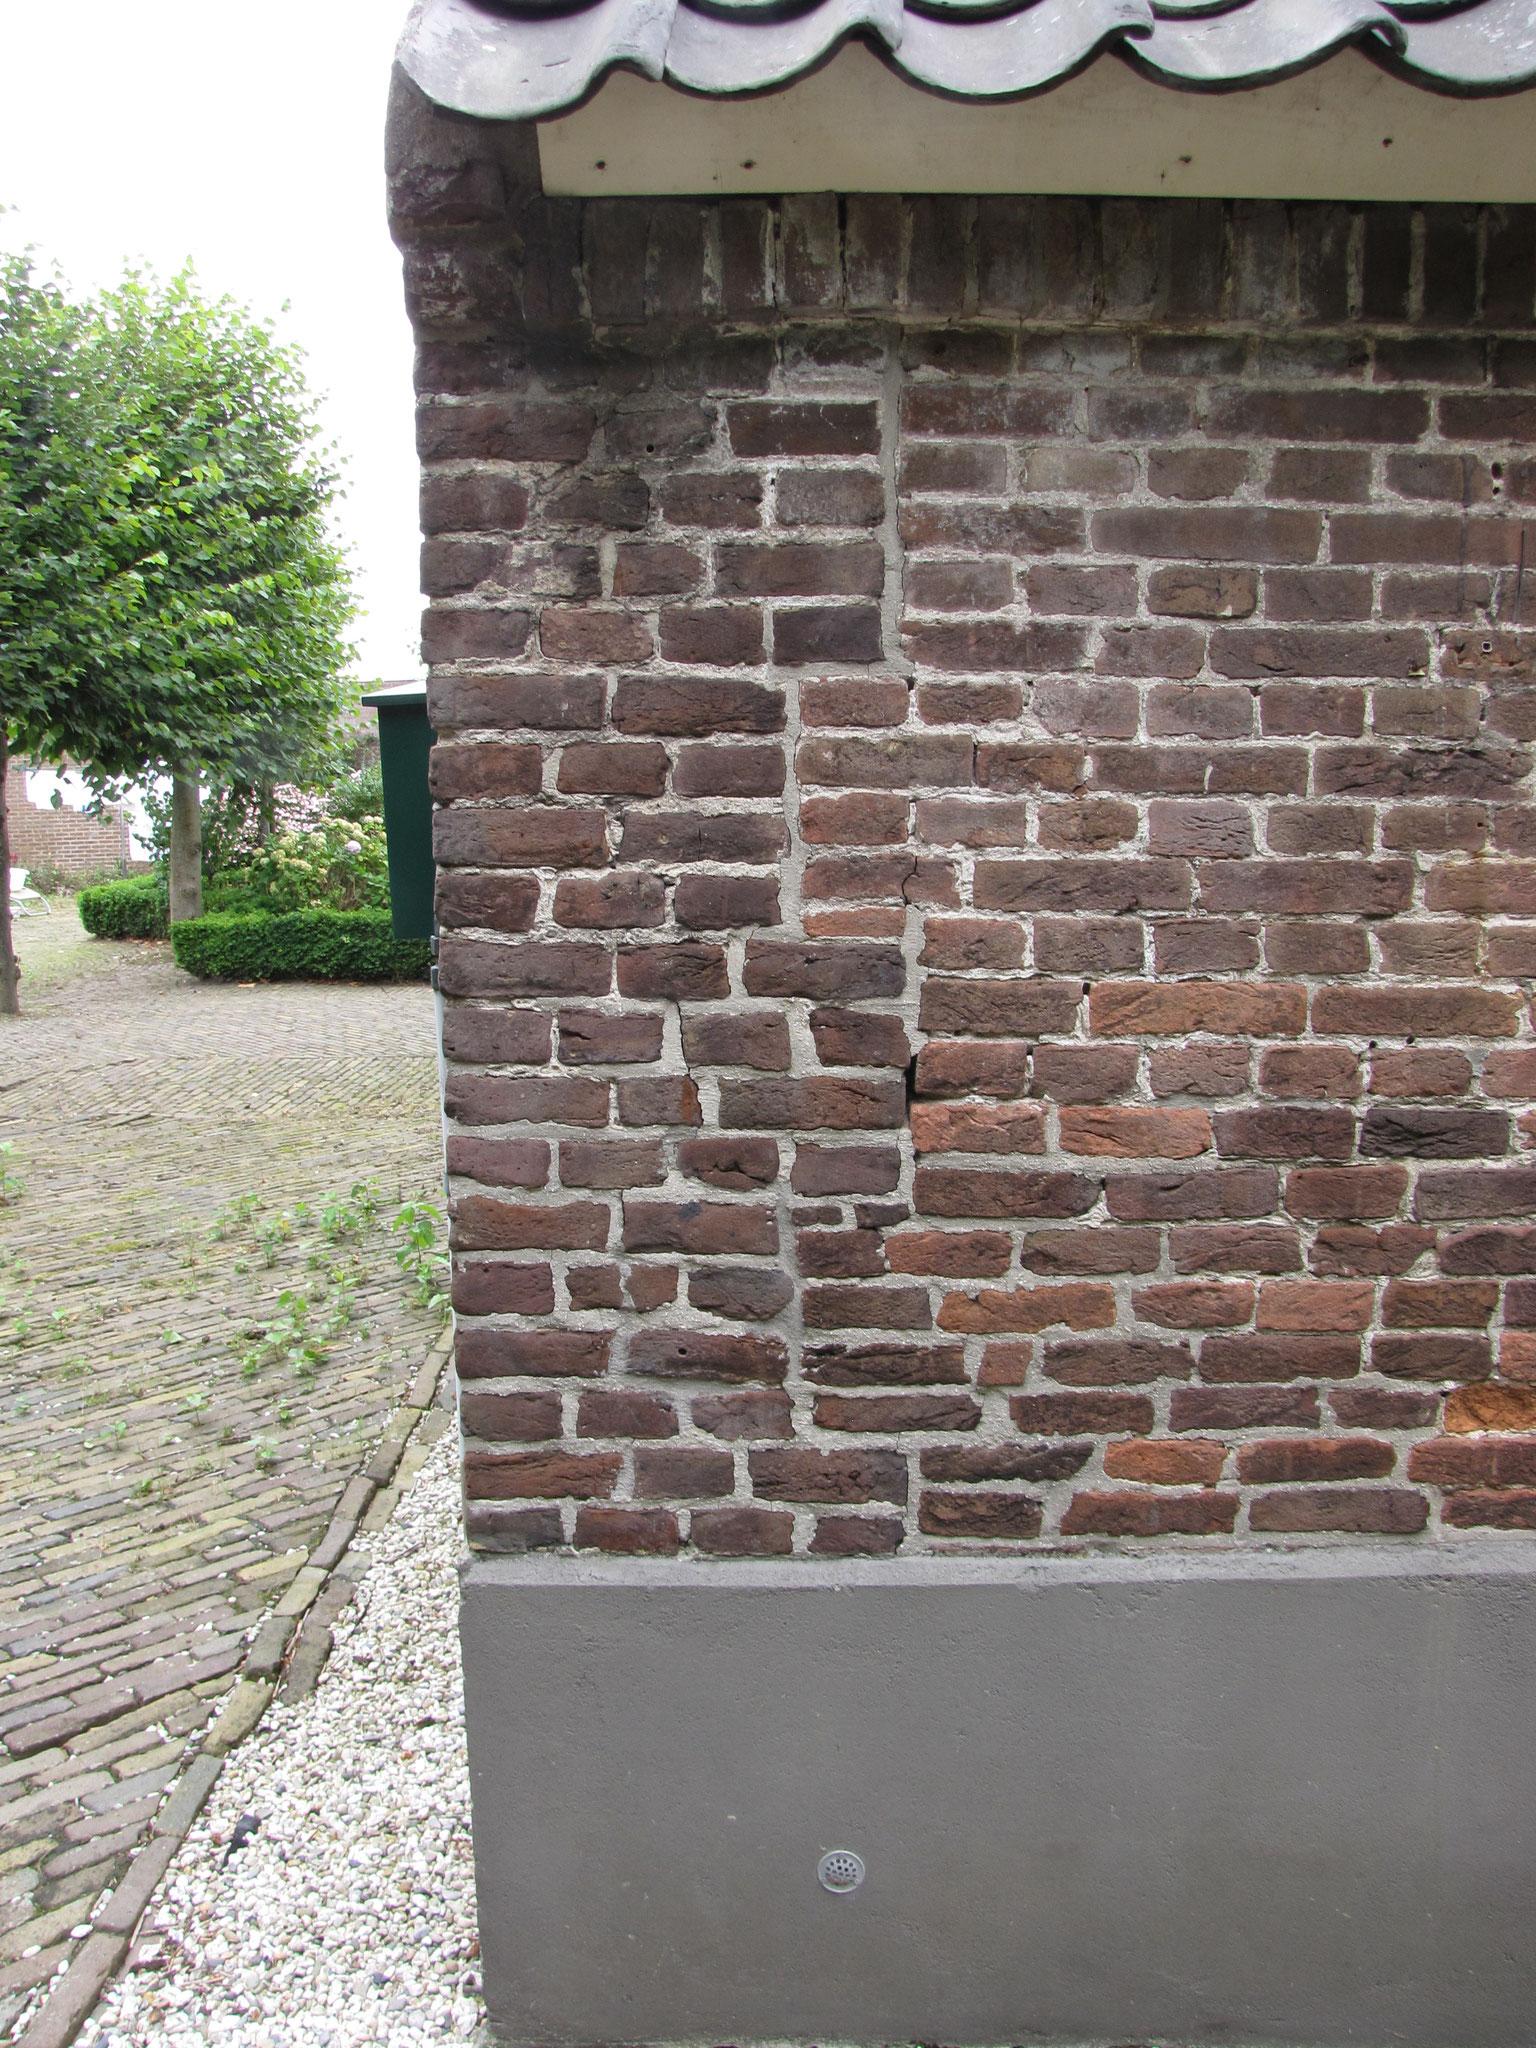 Bouwspoor in de zijgevel: links de oorspronkelijke kopgevel, de zijgevel is ooit vervangen.